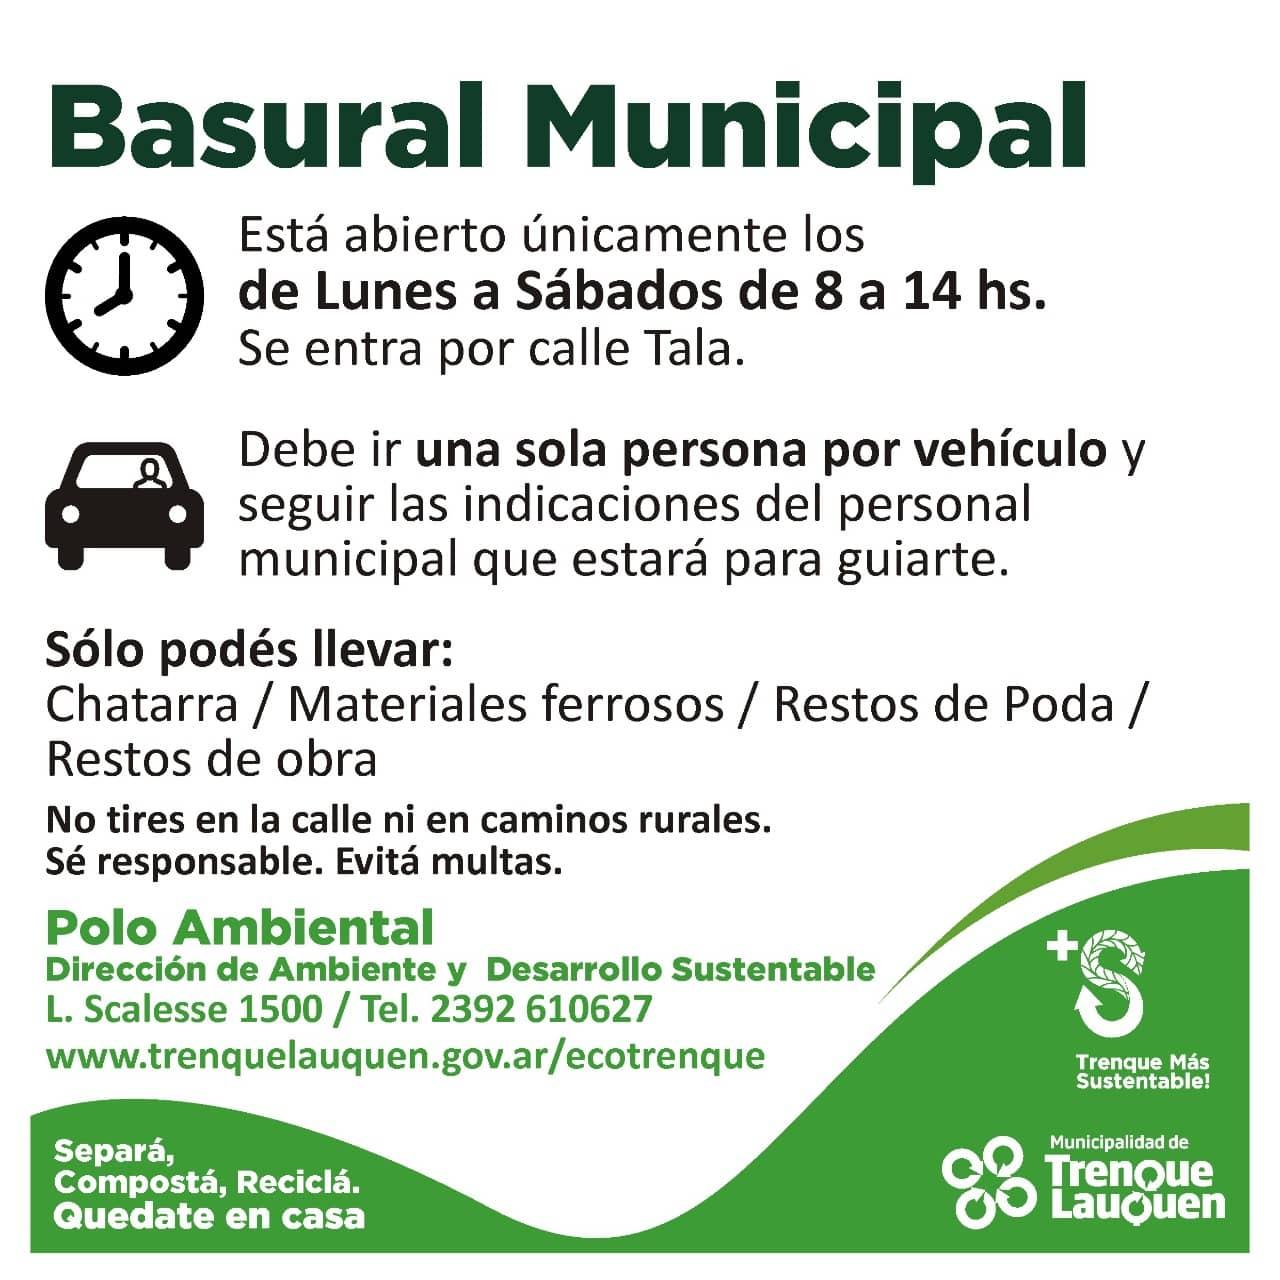 basural municipal